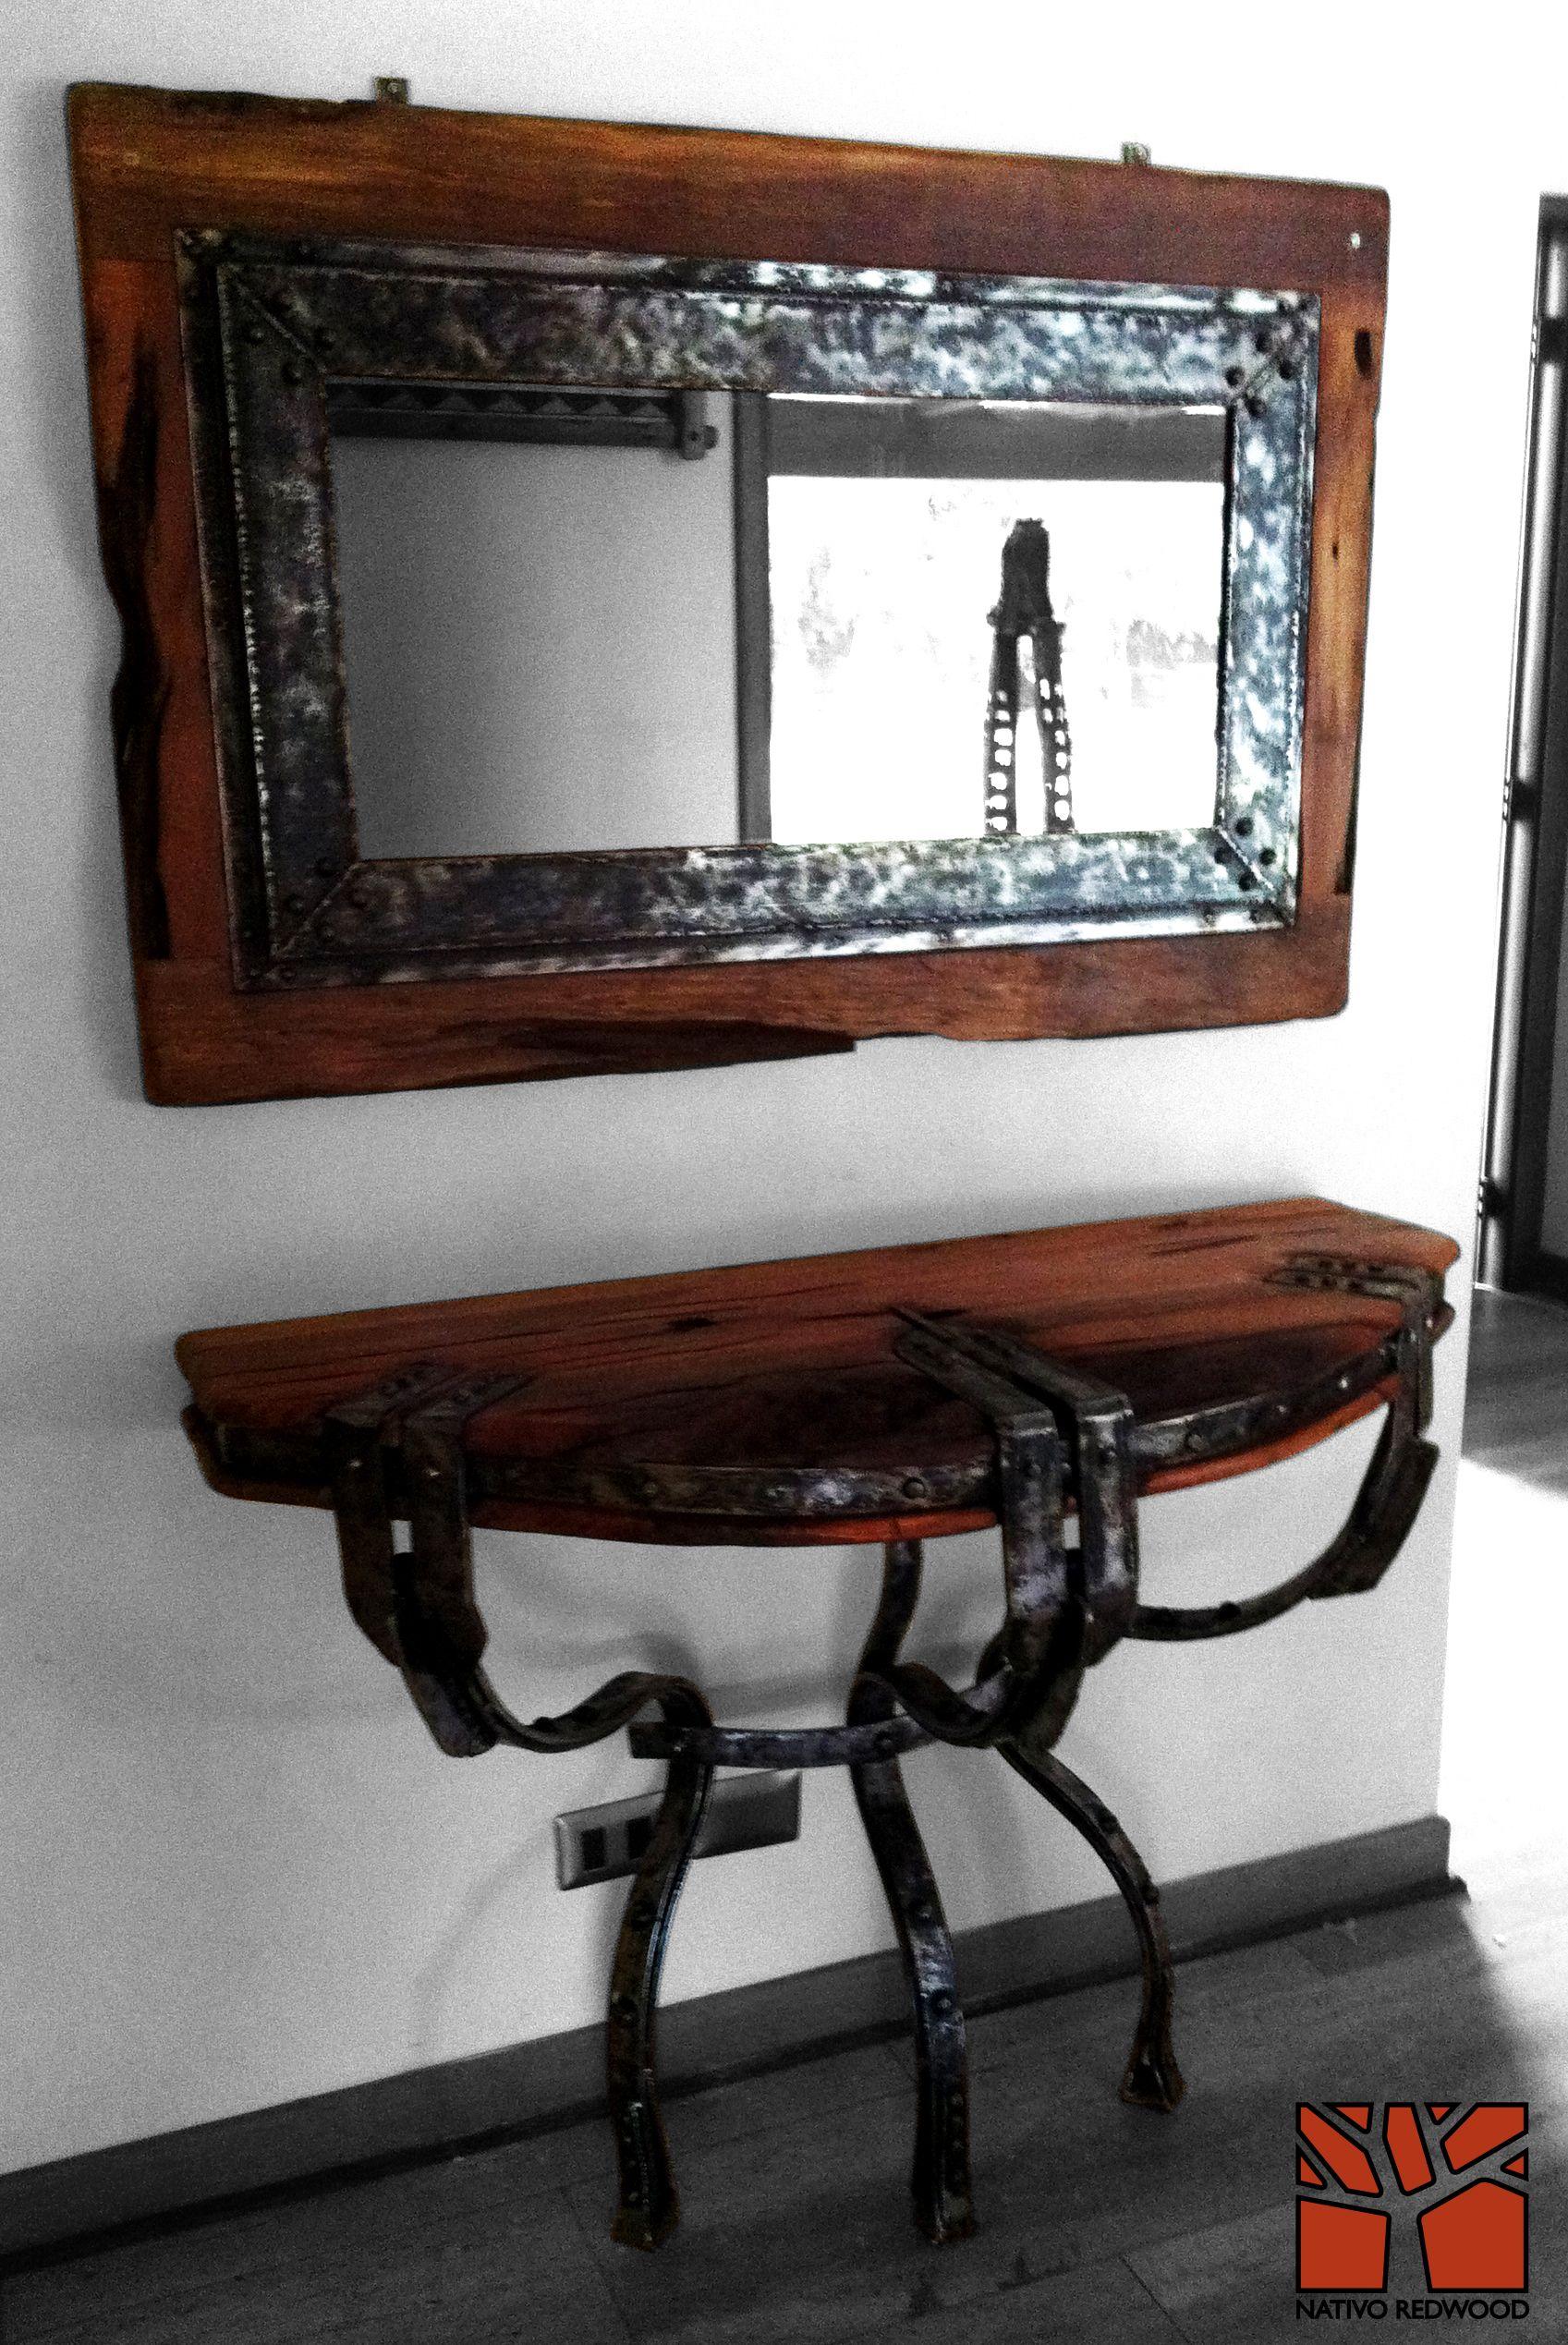 Nativo Redwood.  Espejo con marco de Roble rústico con marco interior de fierro forjado y cristal espejo color bronce. Dimension: 0.60x1.20  Valor: $280.000  A pedido en Av. Camilo Henriquez 3941, Puente Alto.  Fono: +56 9 62277920   nativoredwood@gmail.com www.nativoredwood.com   Facebook: /nativoredwood  Pinterest: /nativoredwood  Instagram y Twitter: @NativoRedWood Google +: /nativoredwood